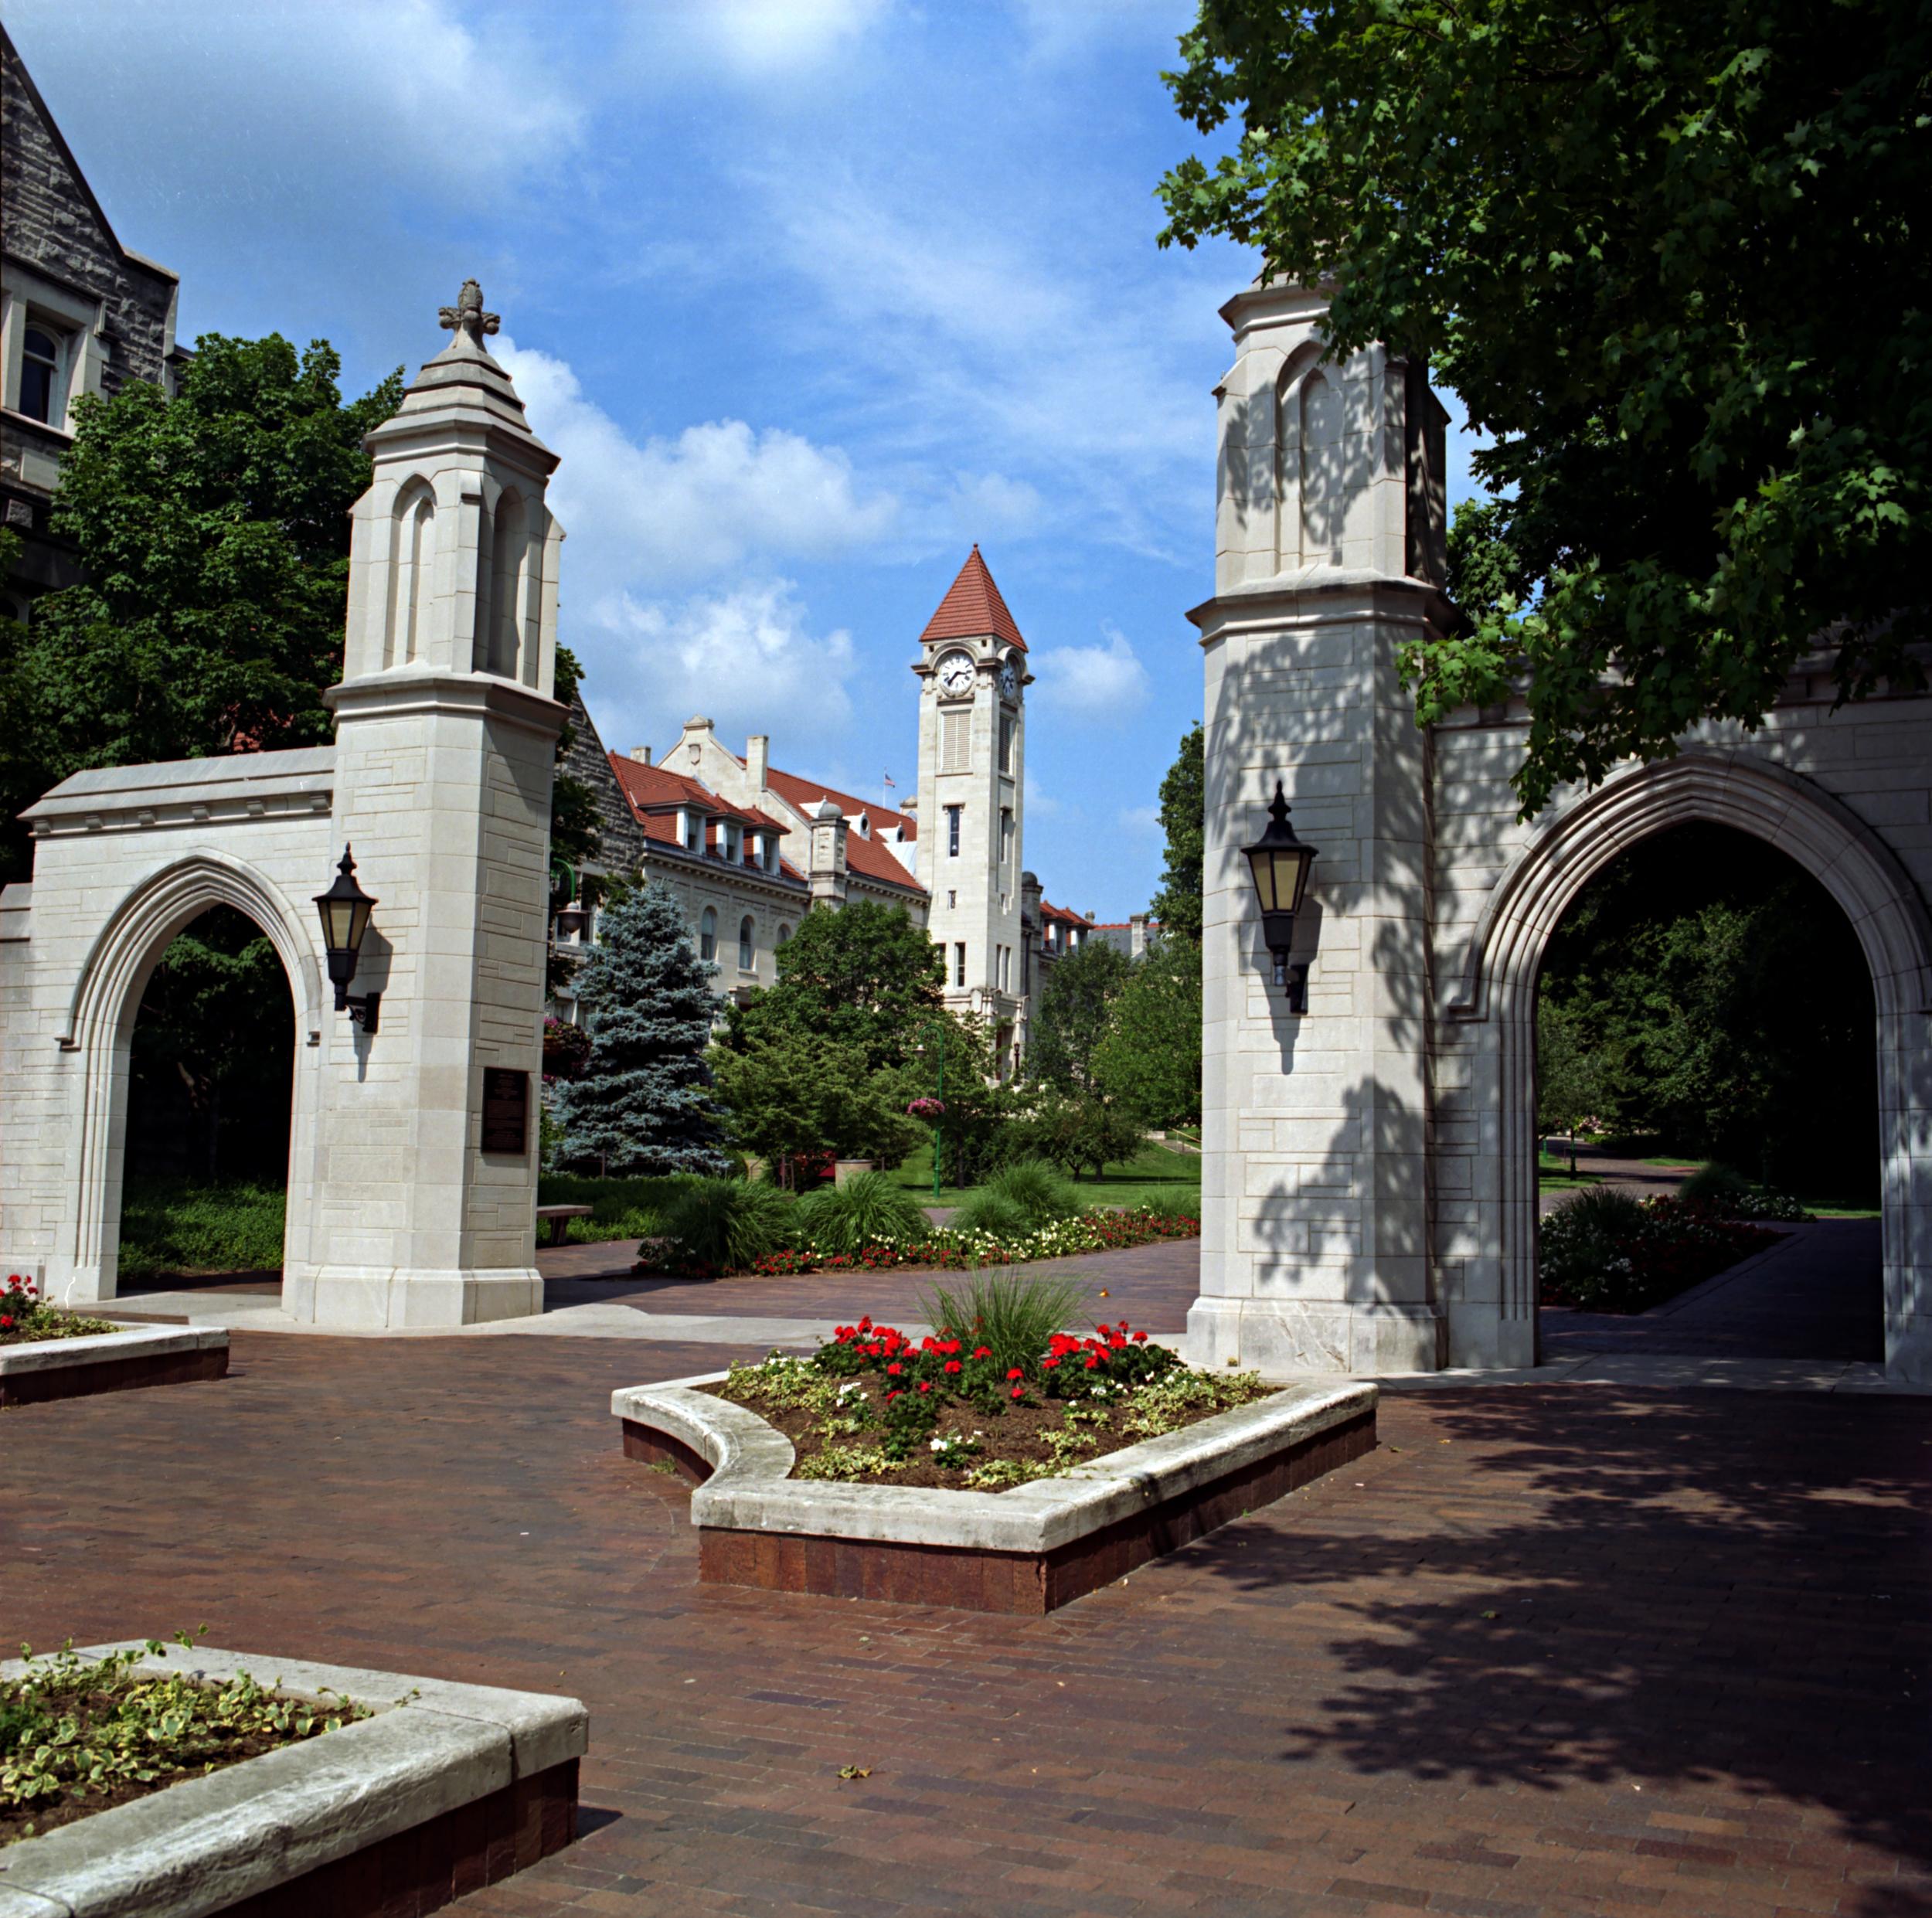 Indiana University - Sample Gates